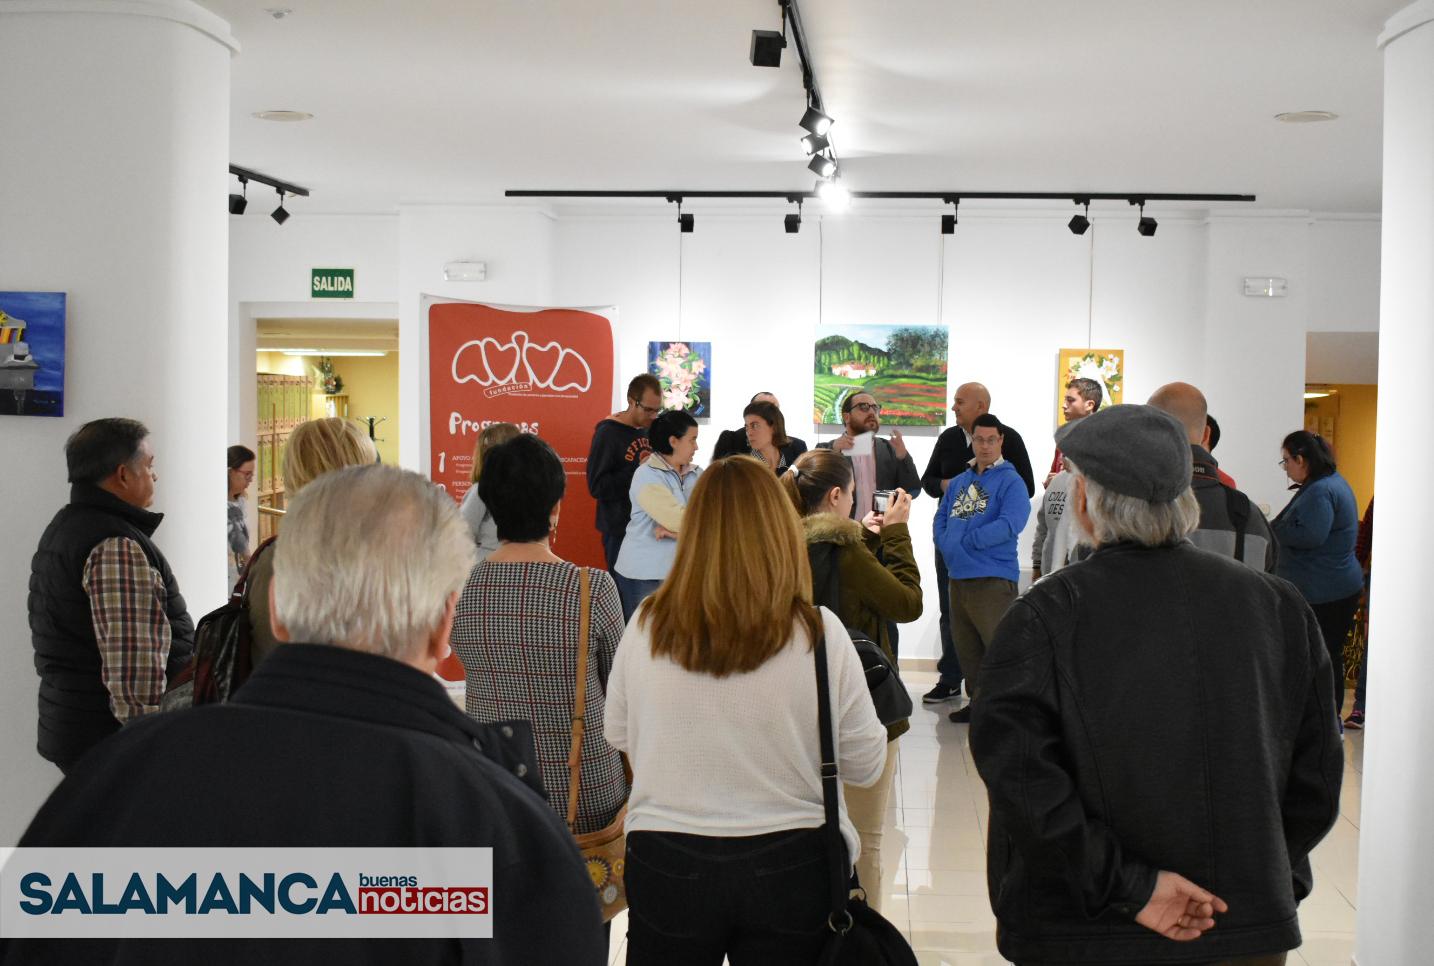 El Espacio Joven acoge la exposición de las obras de 14 artistas participantes en el Taller de Artes Plásticas de la Fundación AVIVA